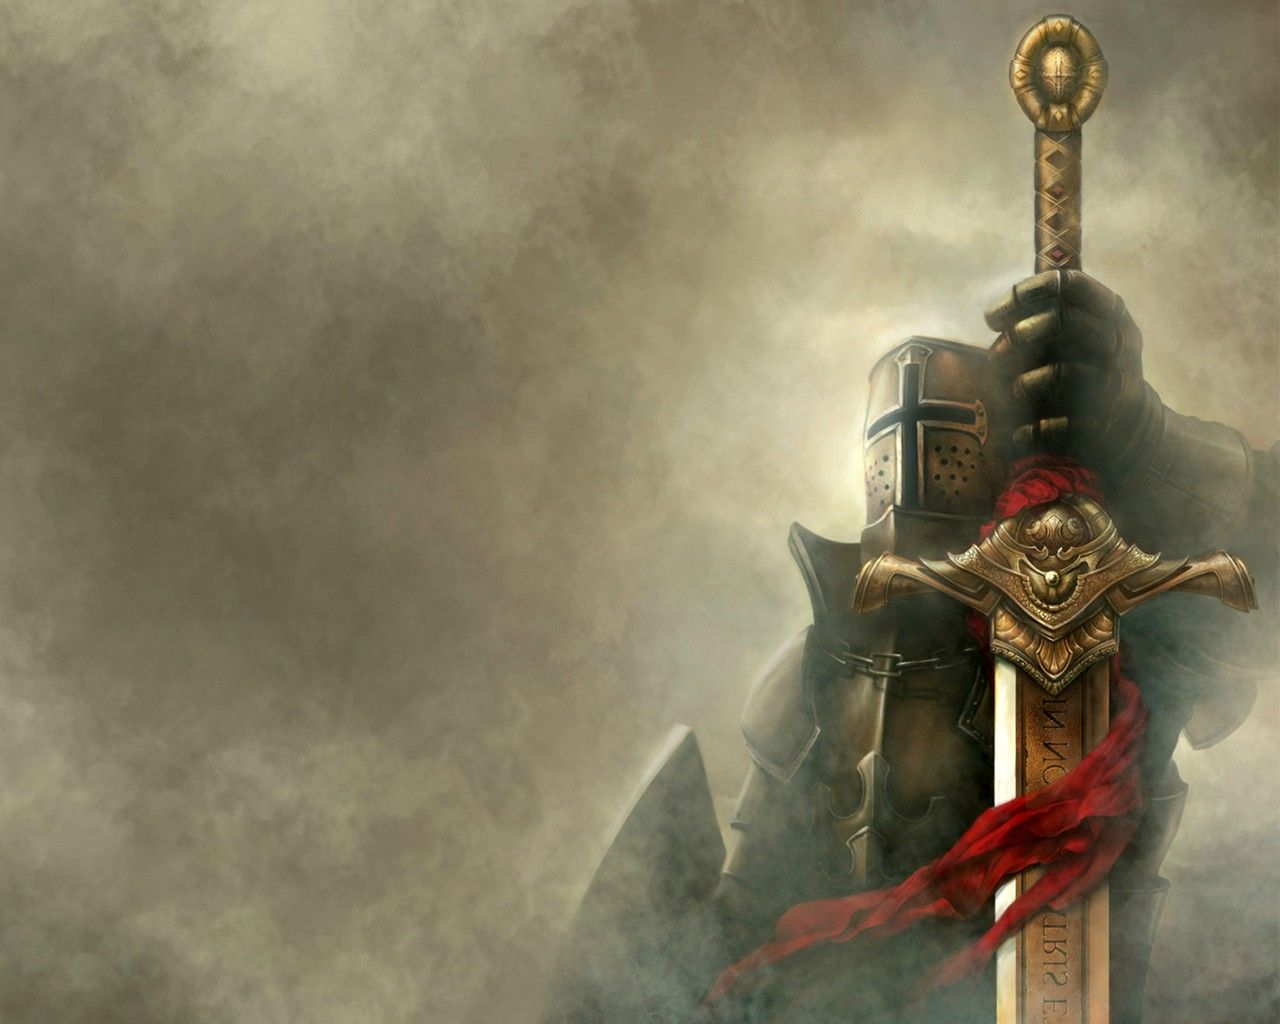 Epicmusicvn Wallpaper Knight Sword Fantasy Crusader Wallpaper